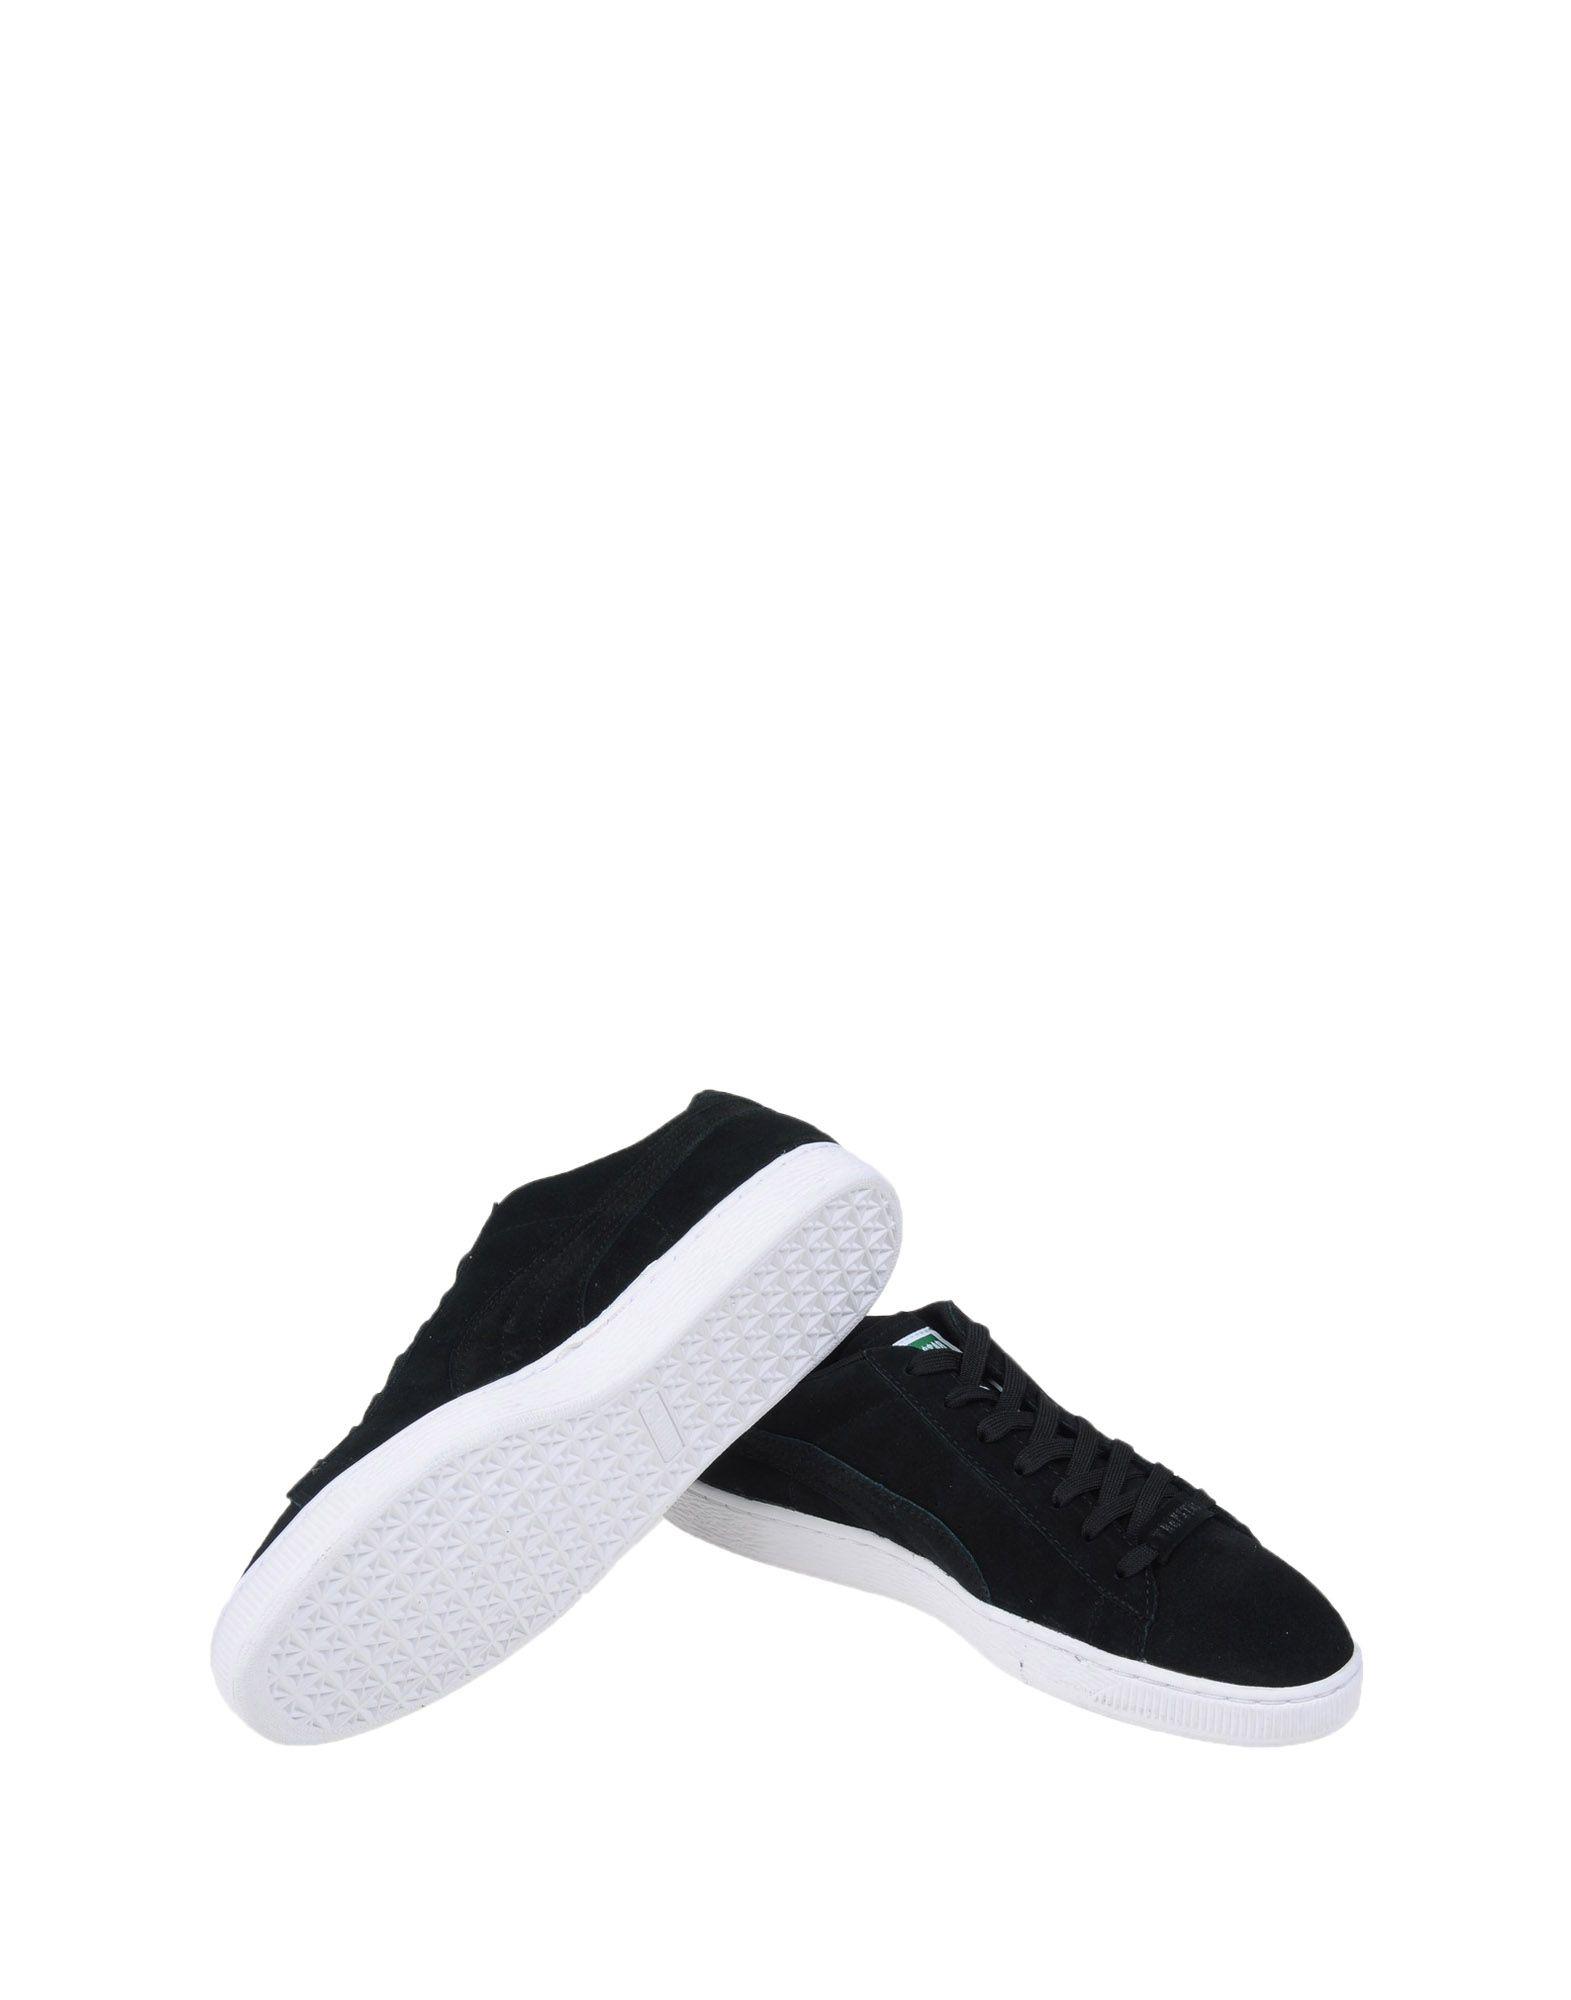 Sneakers Puma X Trapstar Suede X Trapstar - Homme - Sneakers Puma X Trapstar sur